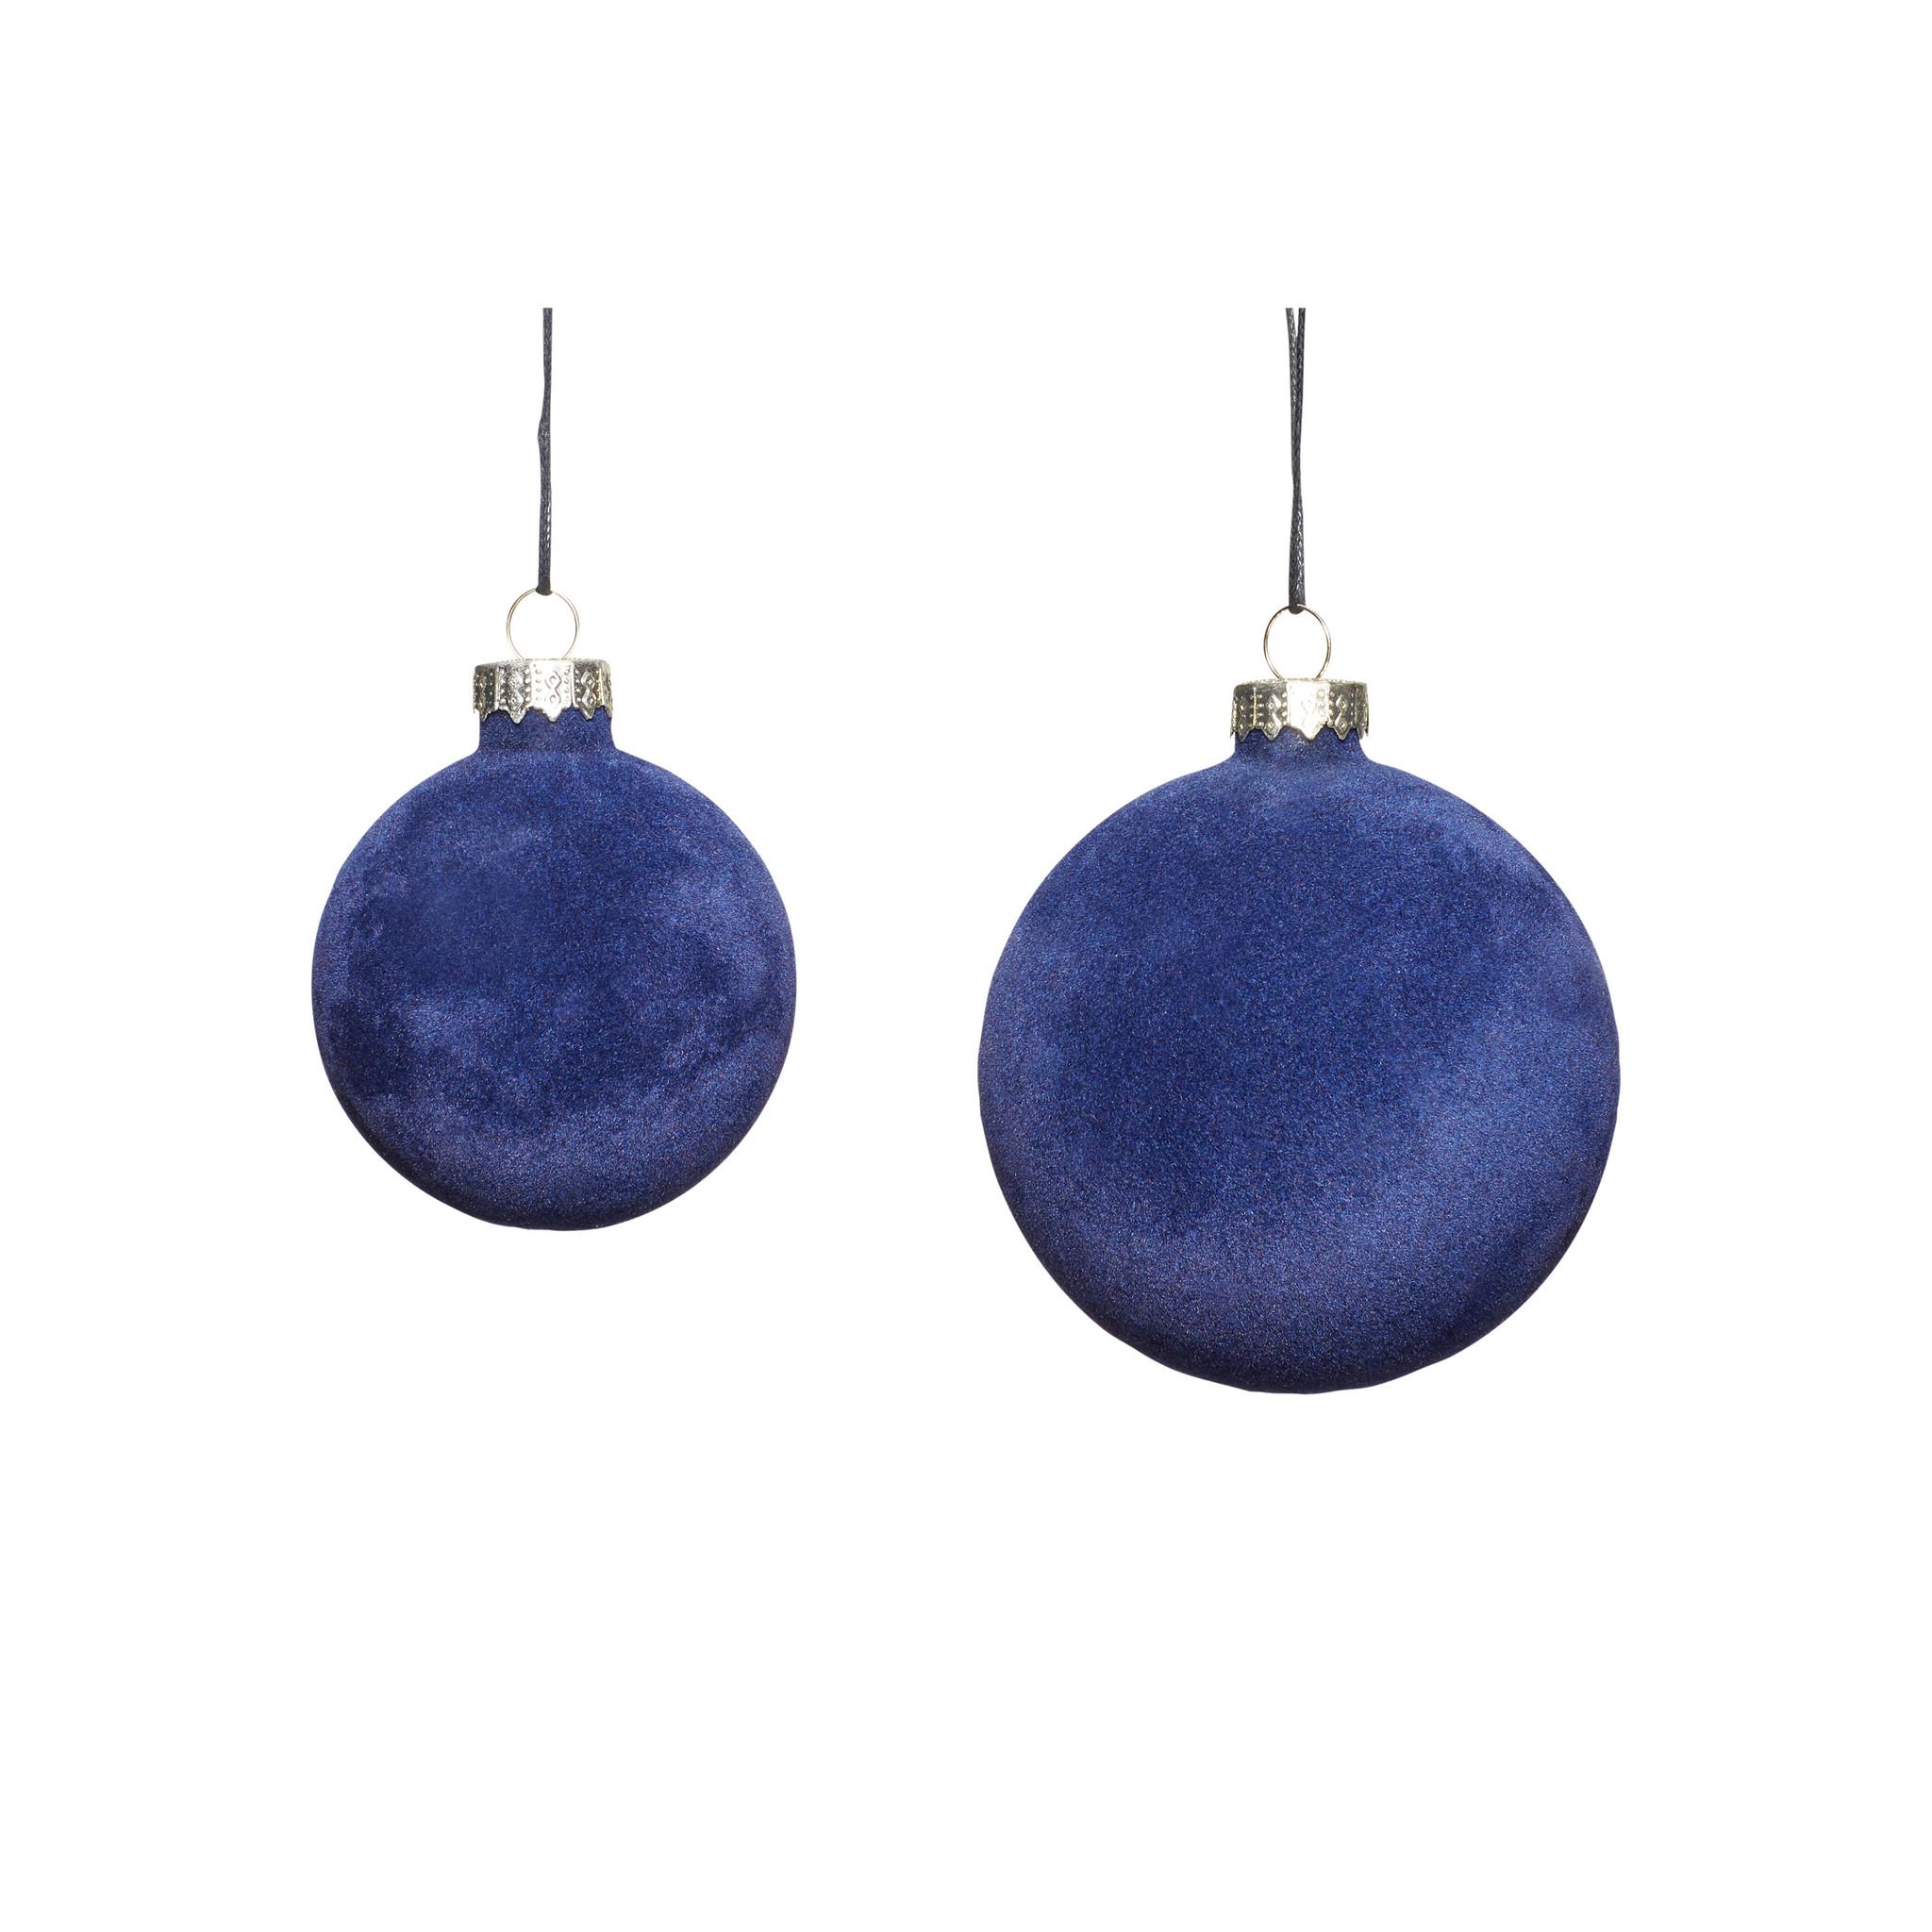 Hubsch Kerstbal, blauw, velours, set van 2-350716-5712772065983